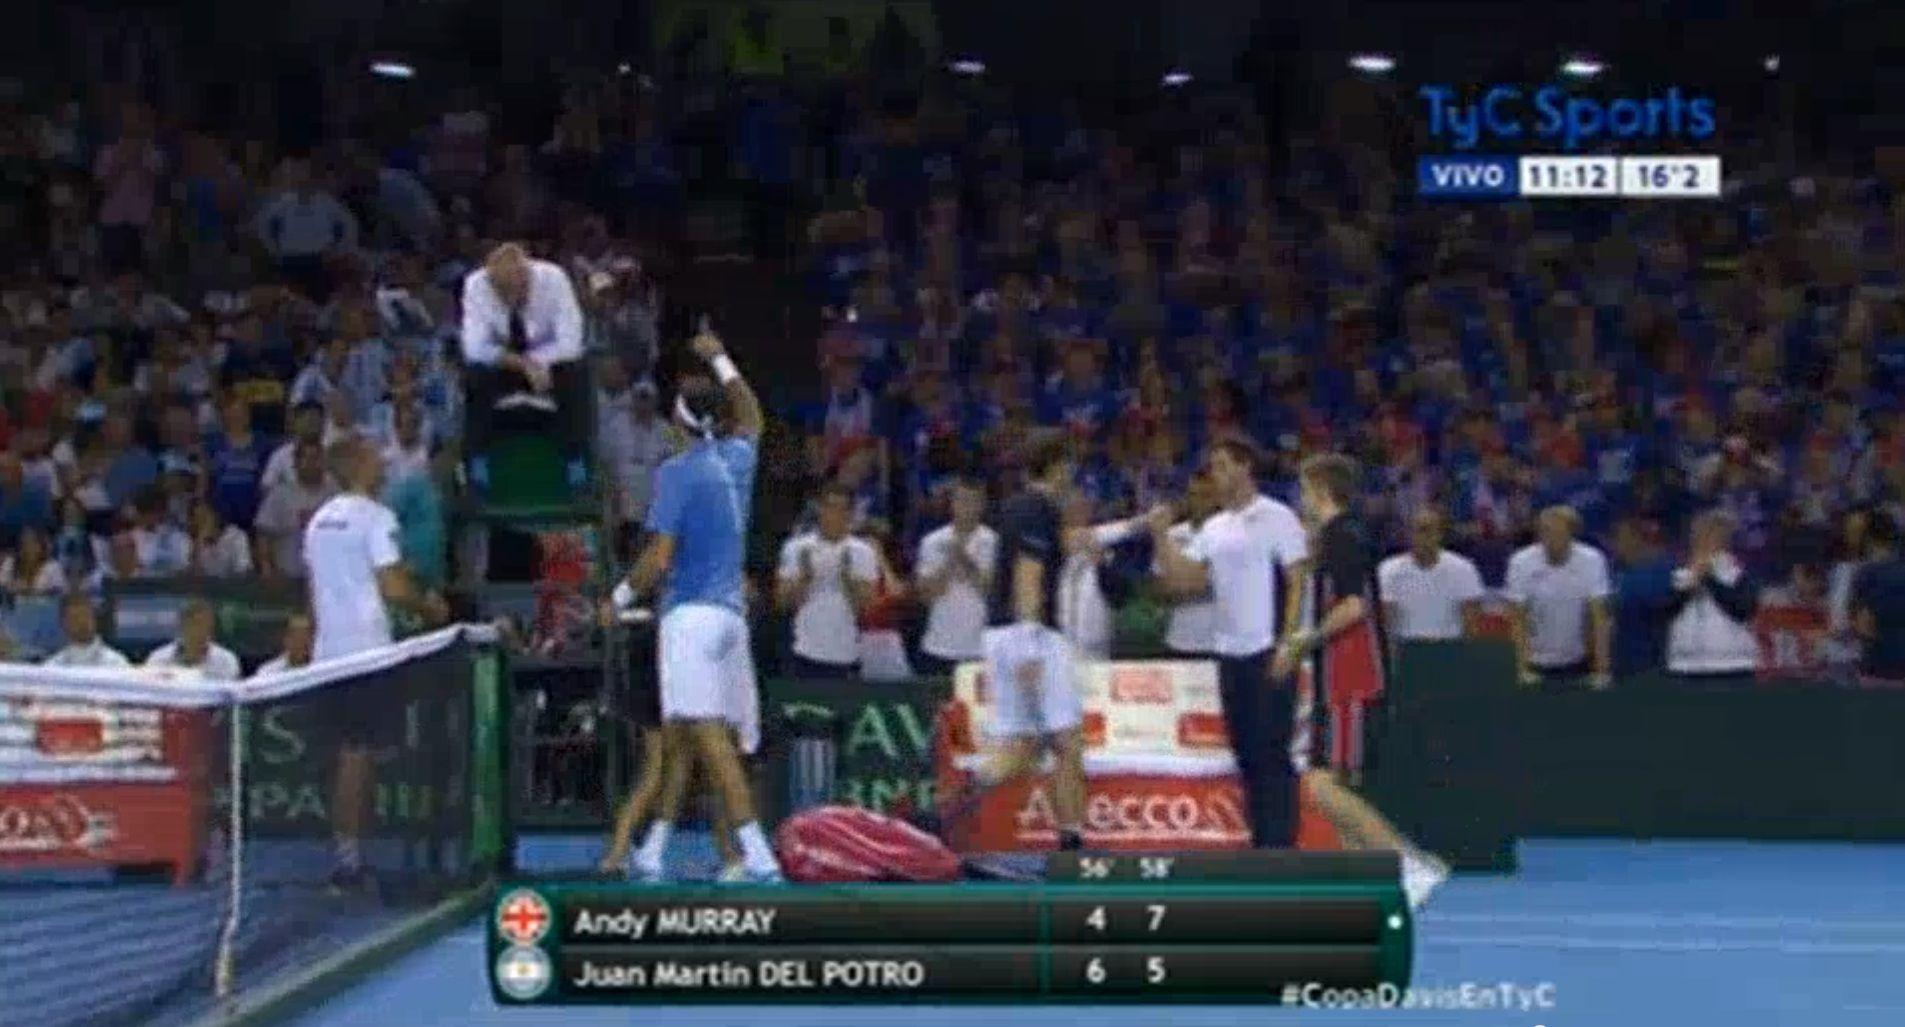 VIDEO: La polémica definición del segundo set que ganó Murray y enfureció a Del Potro